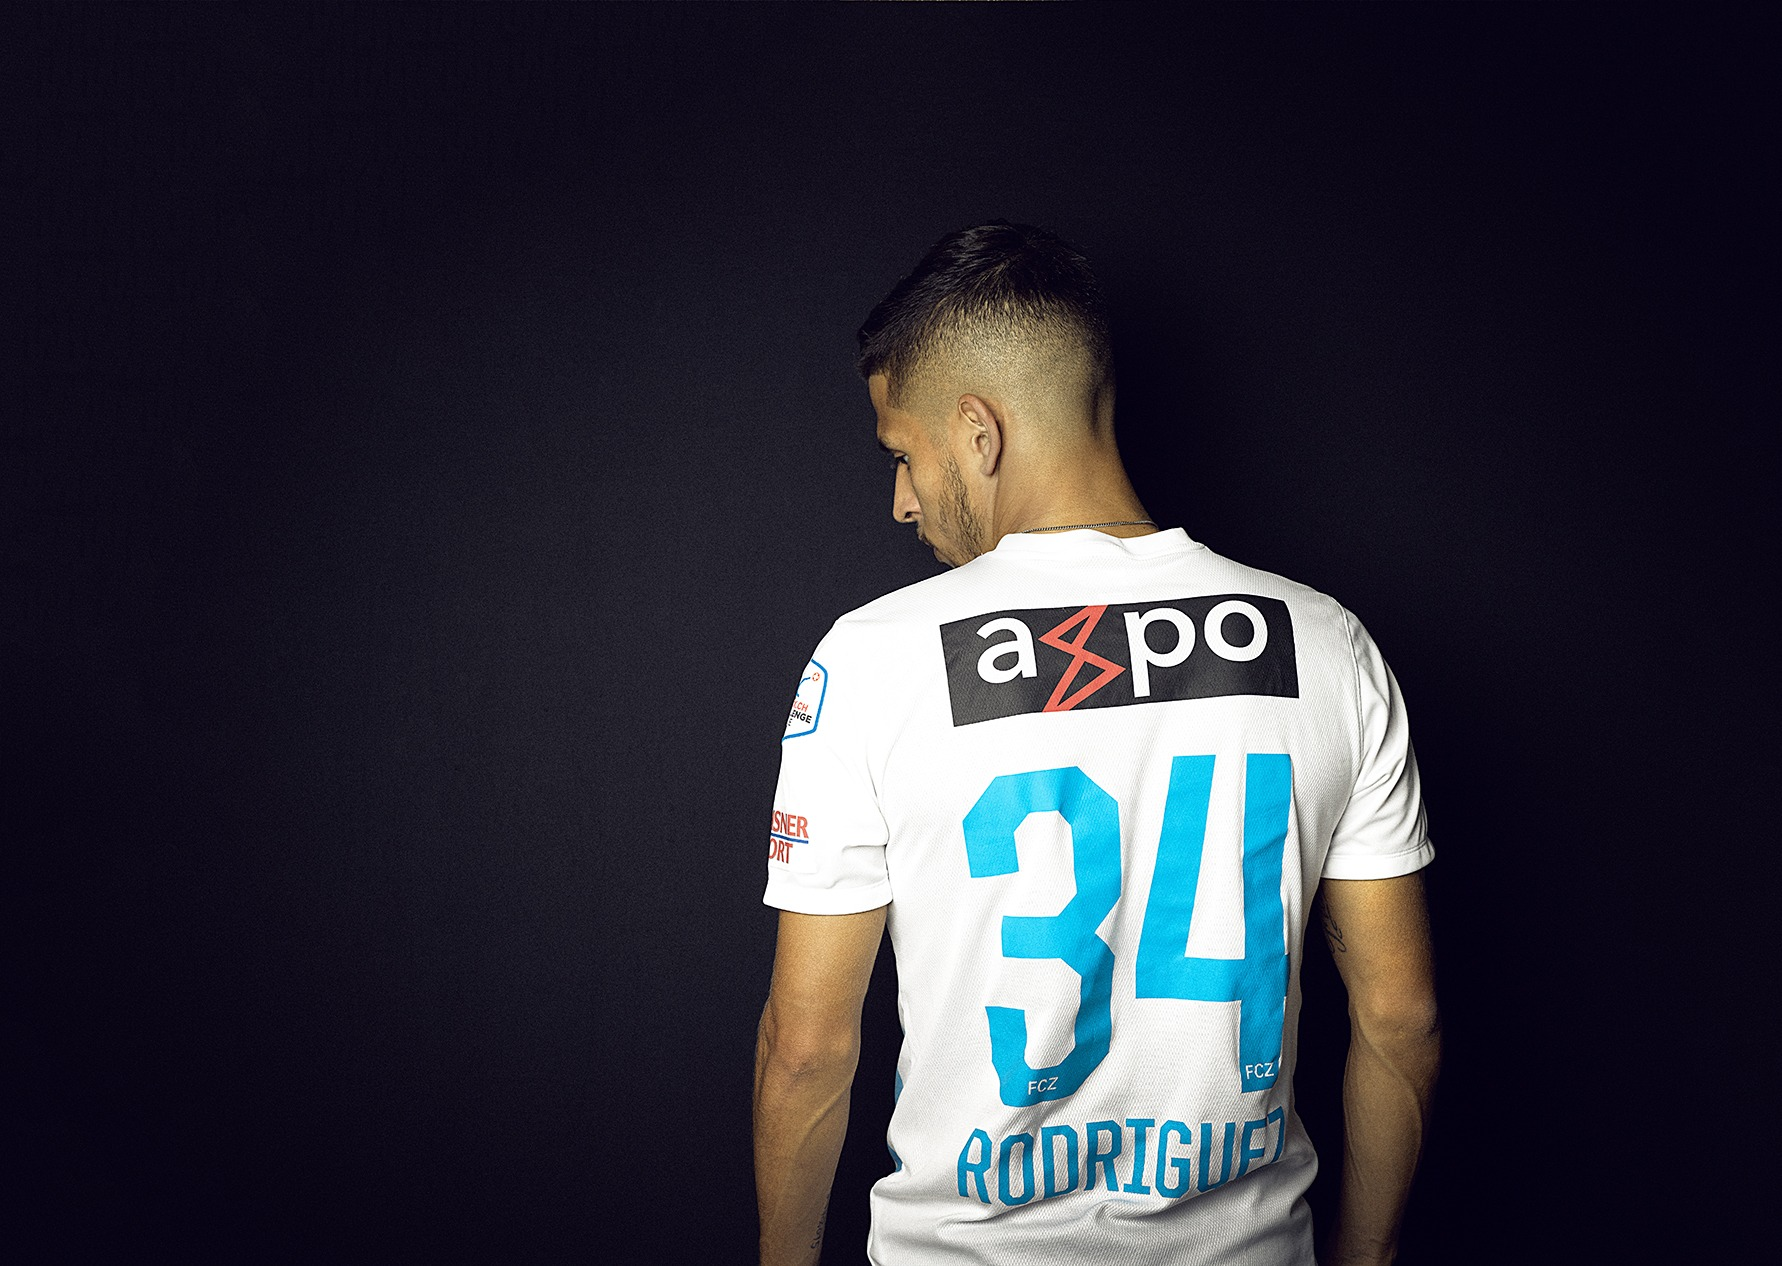 Rodriguez Roberto